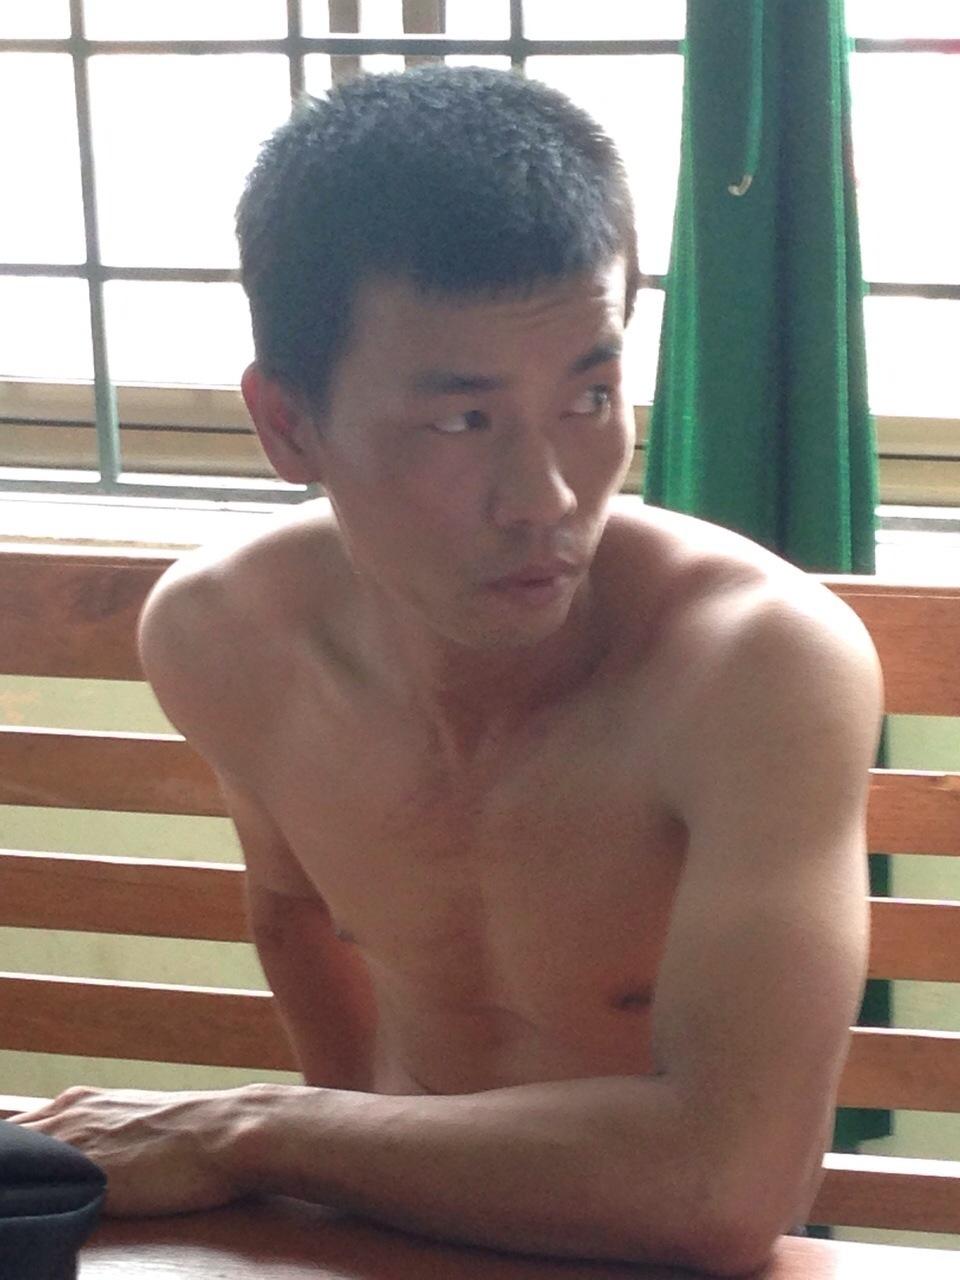 Đà Nẵng: Nghi can đâm chết thai phụ bị bắt sau 24h lẩn trốn - Ảnh 1